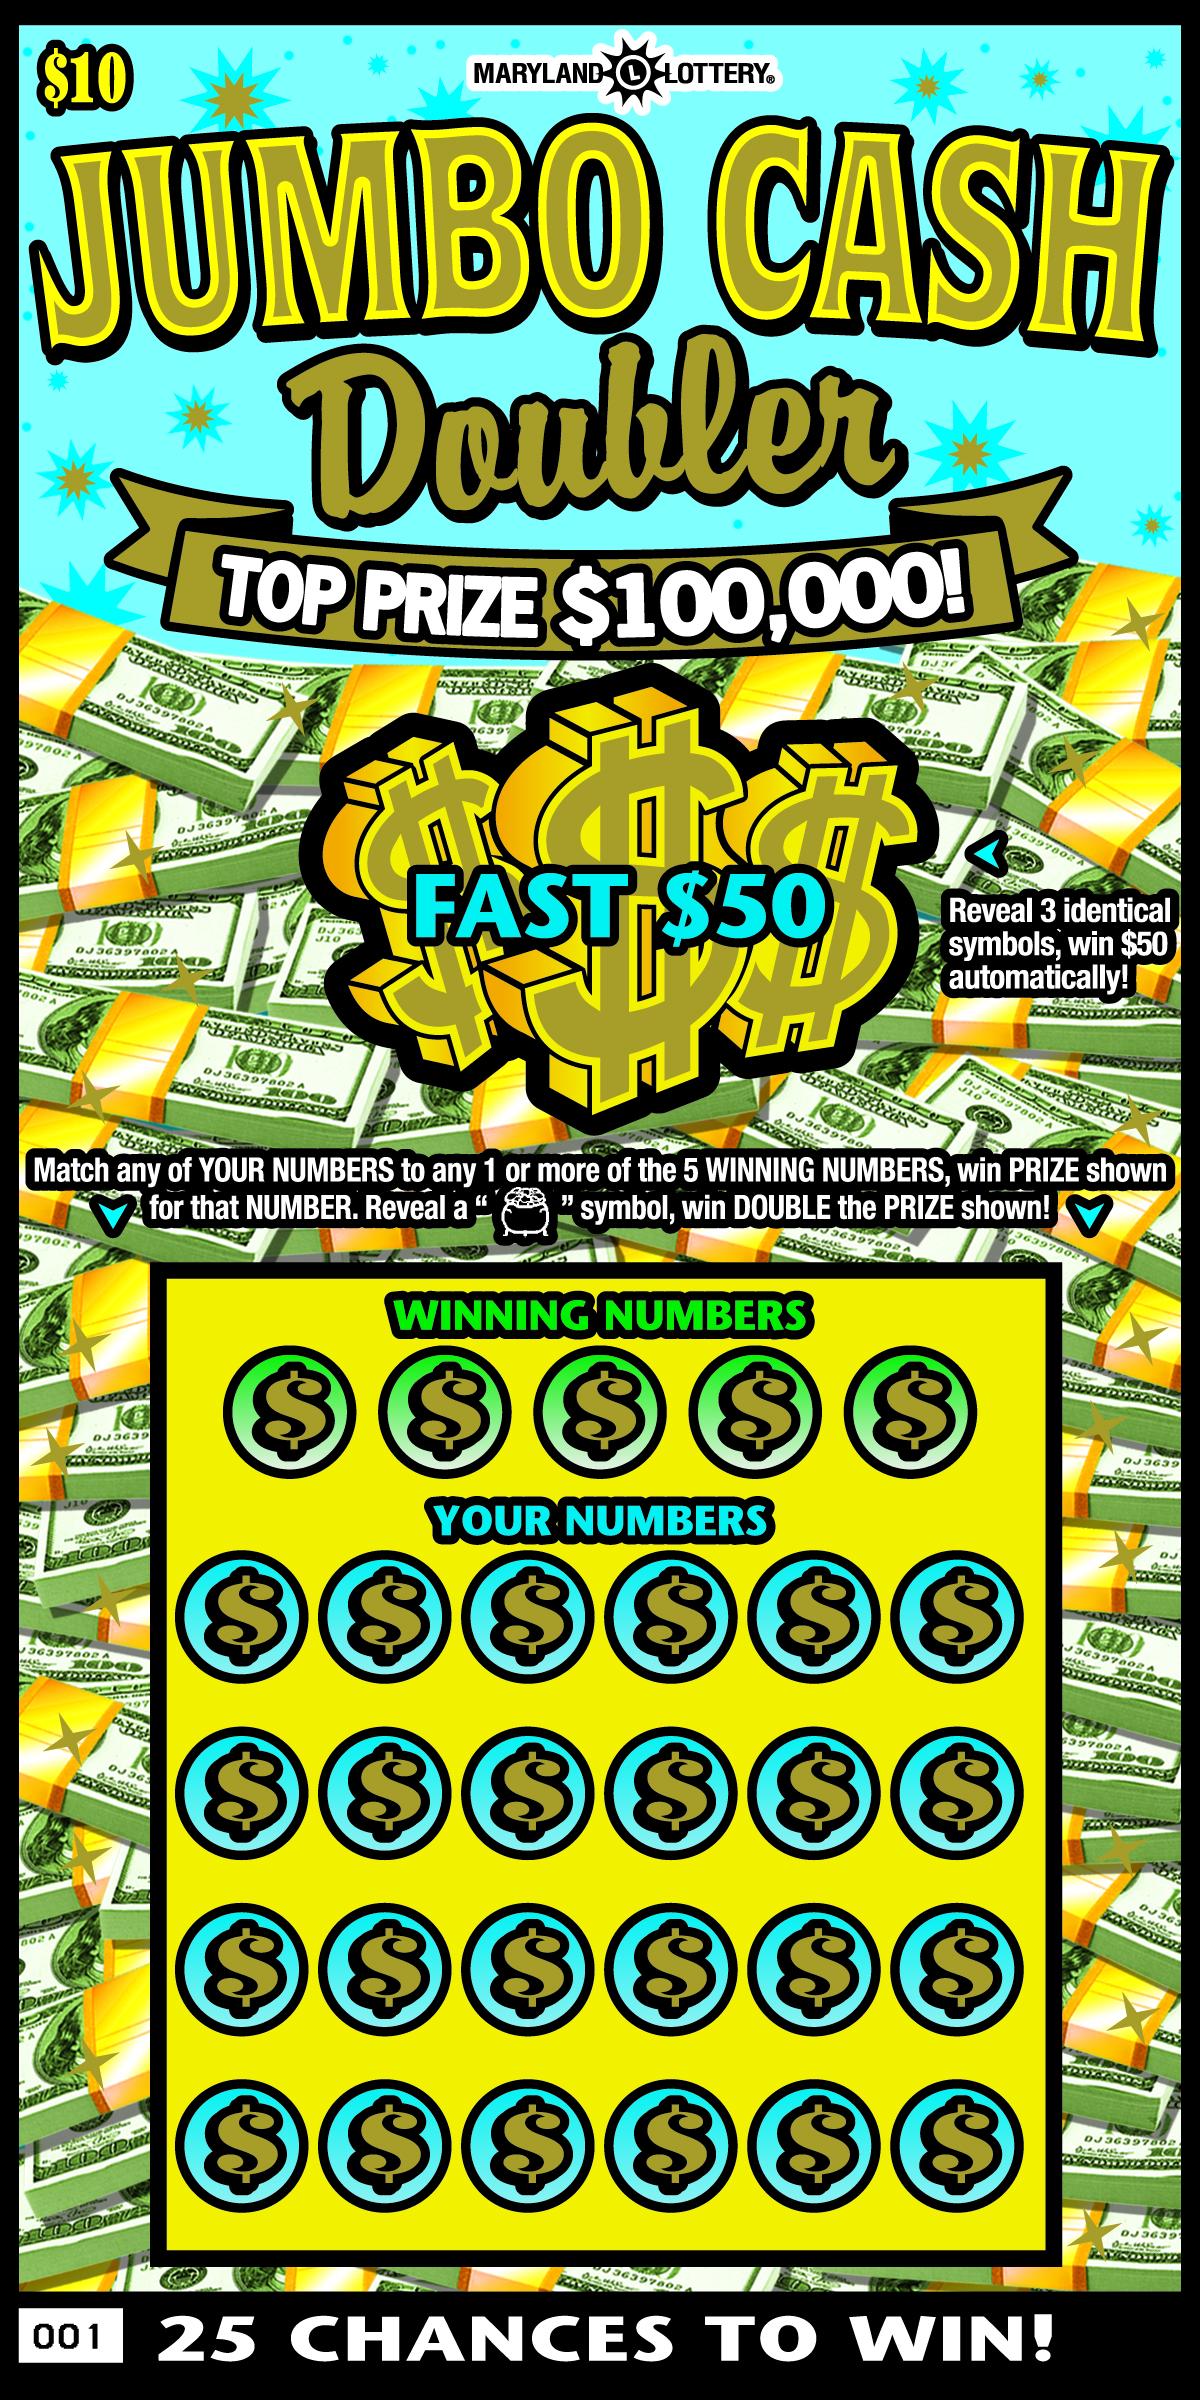 829-jumbo-cash-dblr.jpg